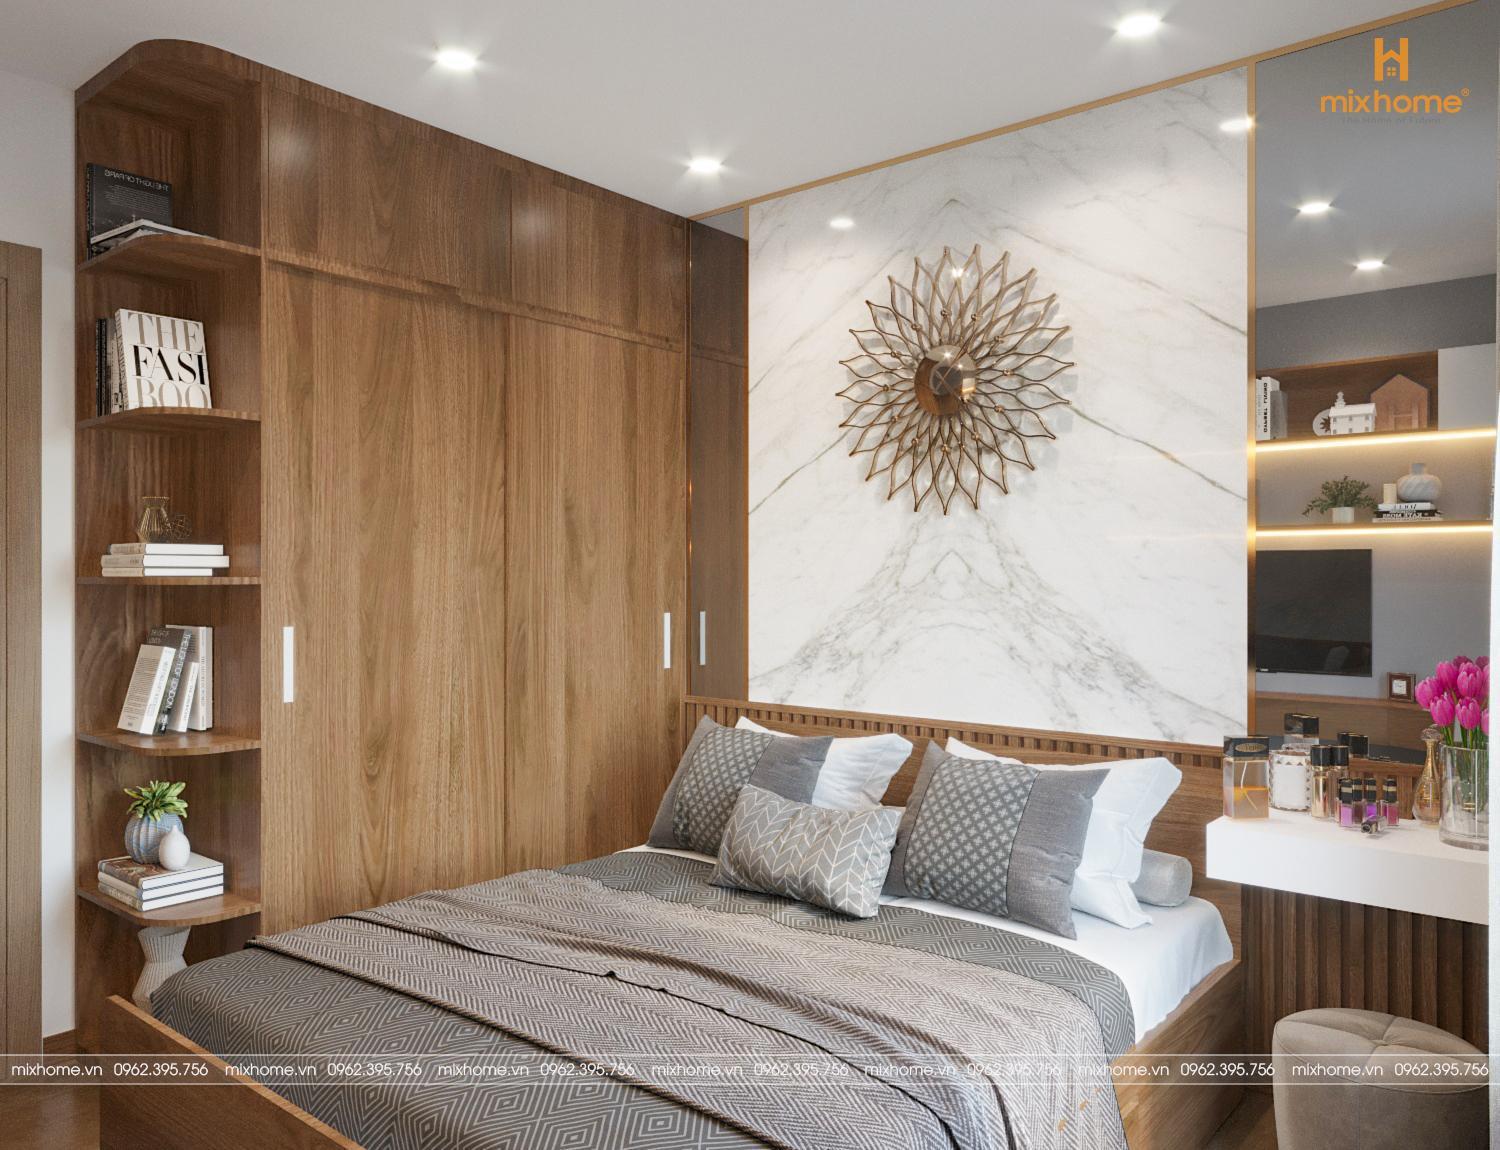 thiết kế nội thất trọn gói